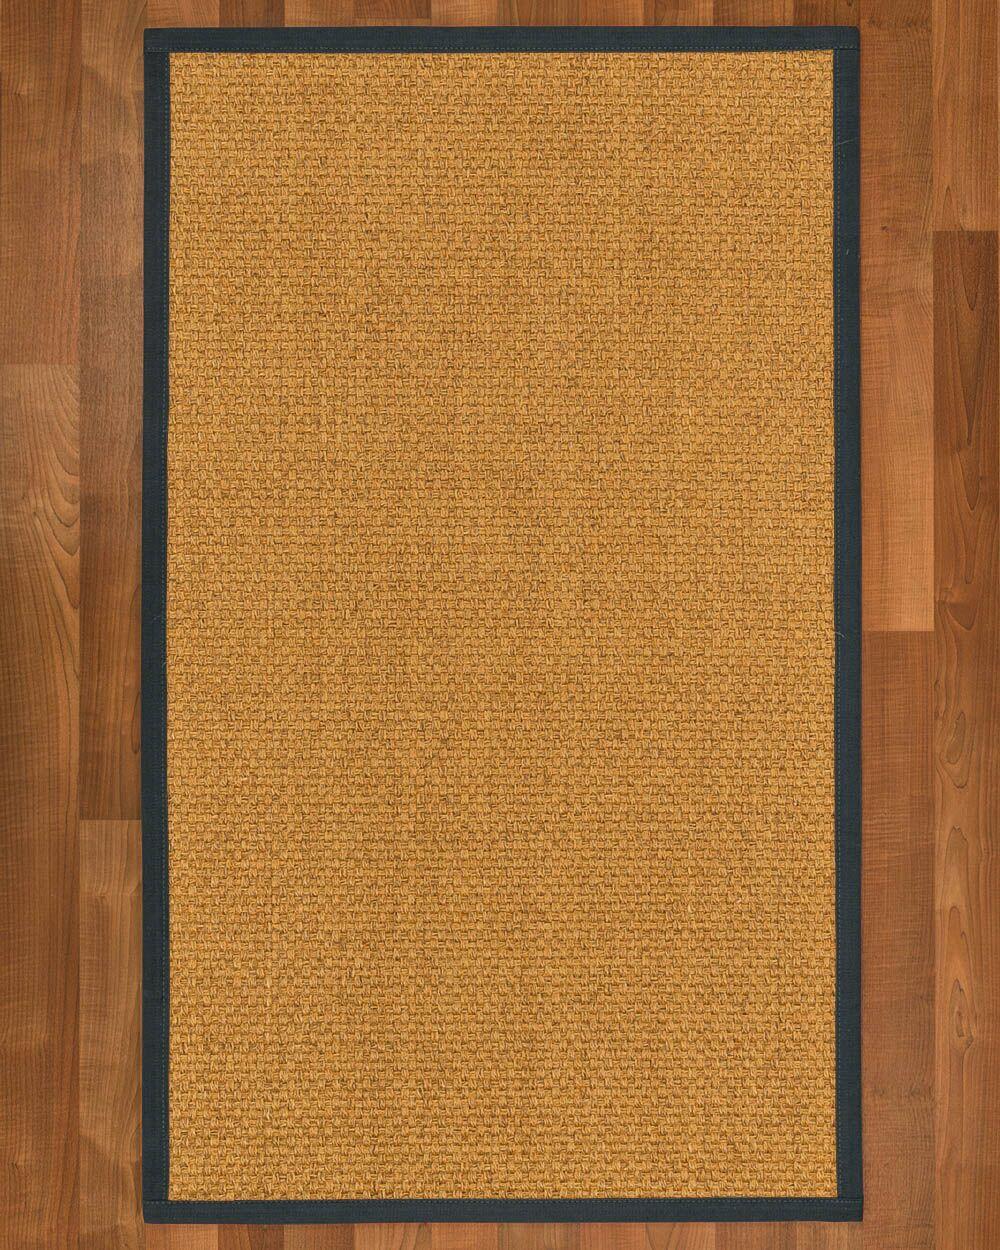 Andlau Hand-Woven Tan Area Rug Rug Size: Rectangle 9' x 12'